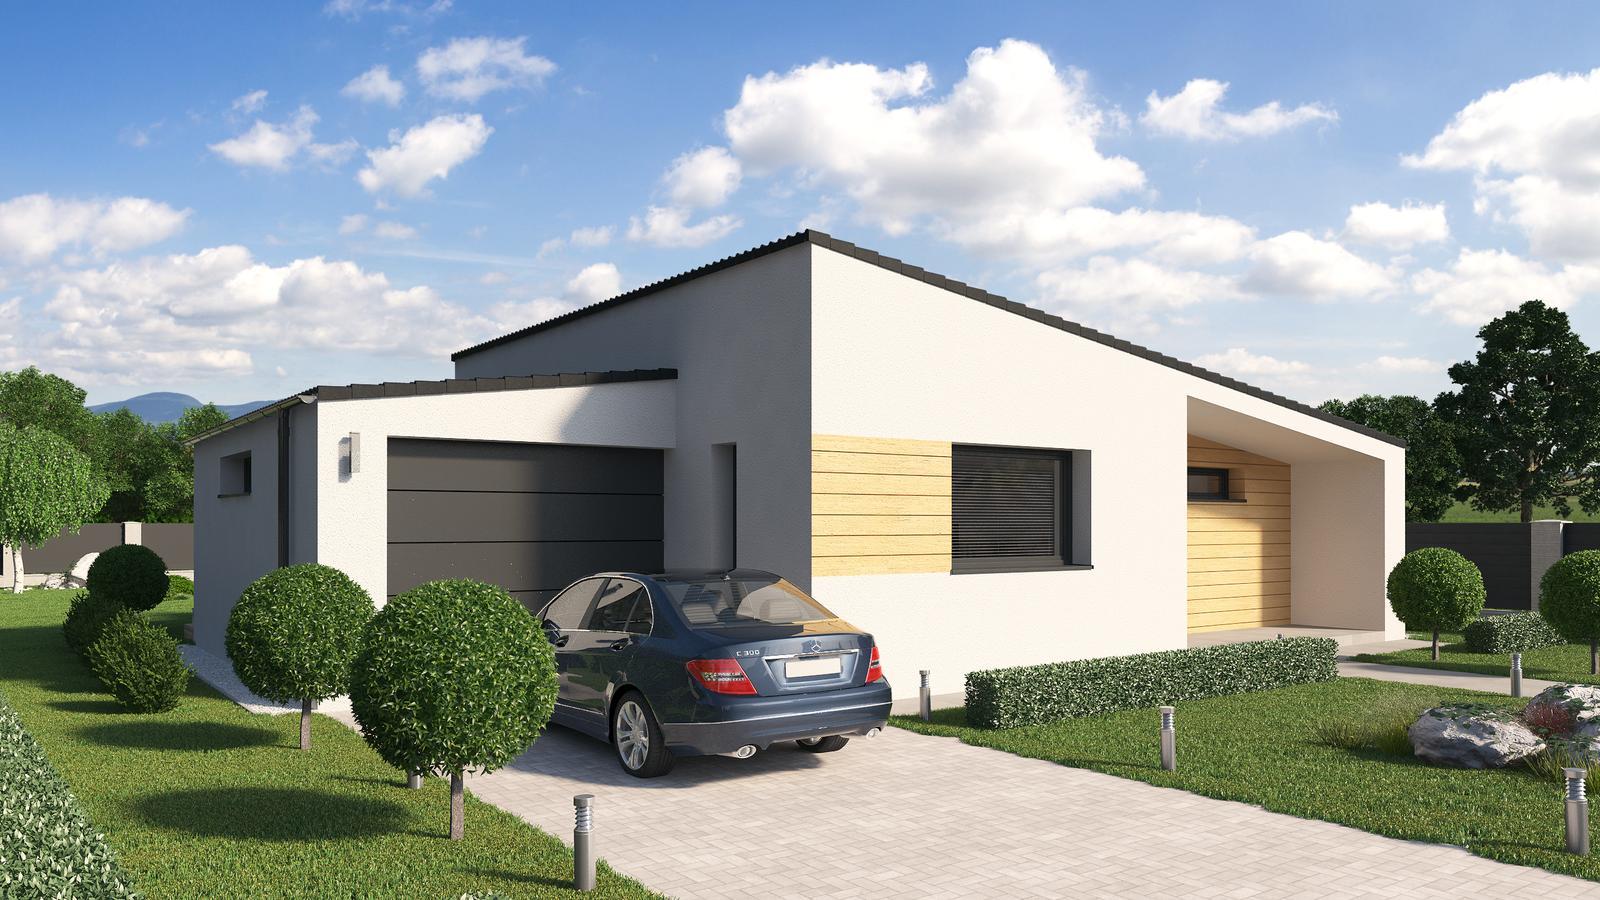 Ďalšie ukážky návrhov domčekov pre Vás - www.rodinny-dom.eu - Obrázok č. 5